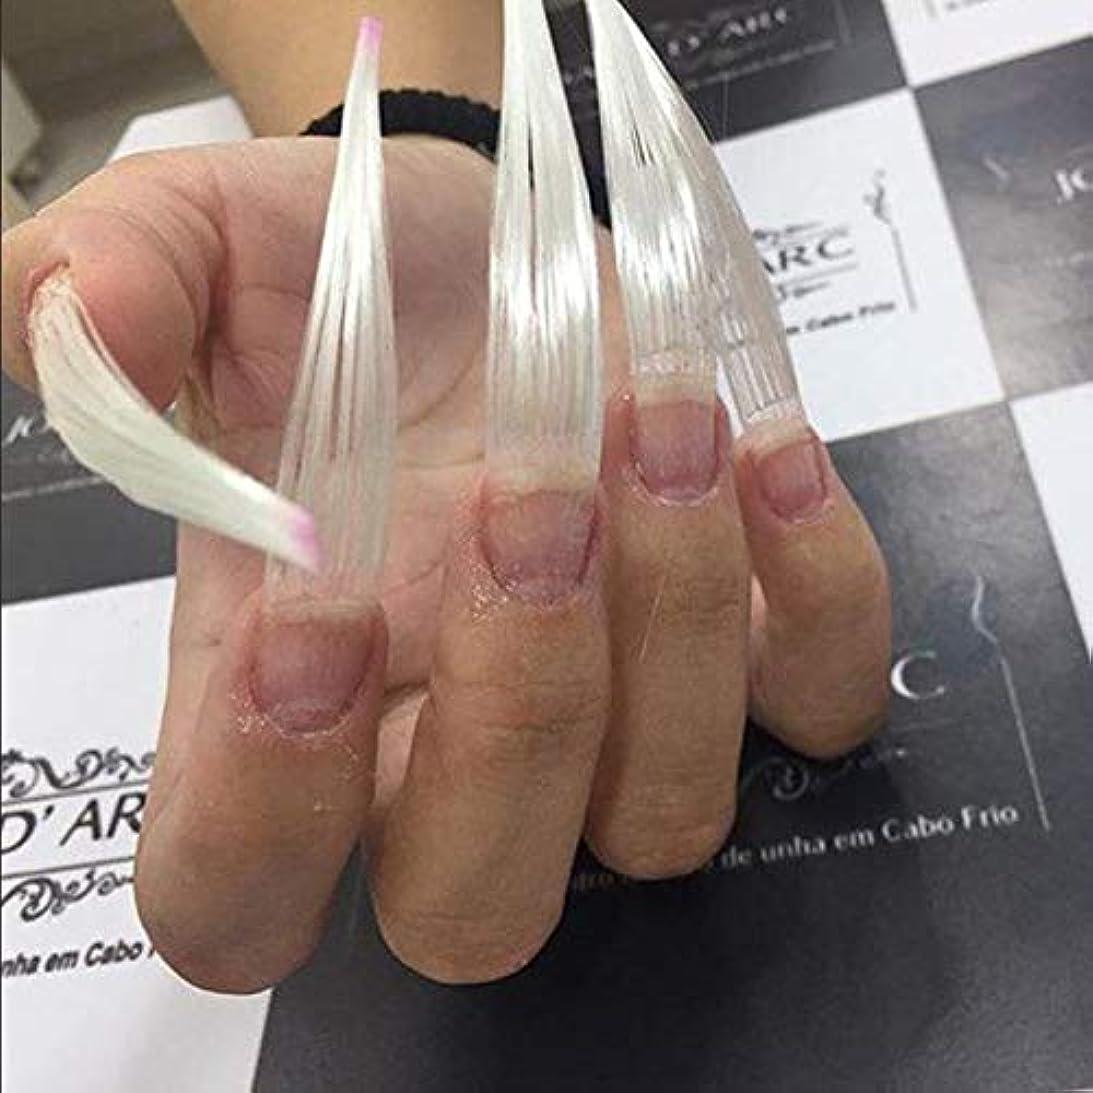 印刷する自分すり減るMaxbei 50枚入りネイルエクステンション用グラスファイバー 延長繊維ネイル 及び 5個入り爪のクリップ ネイルアートツール